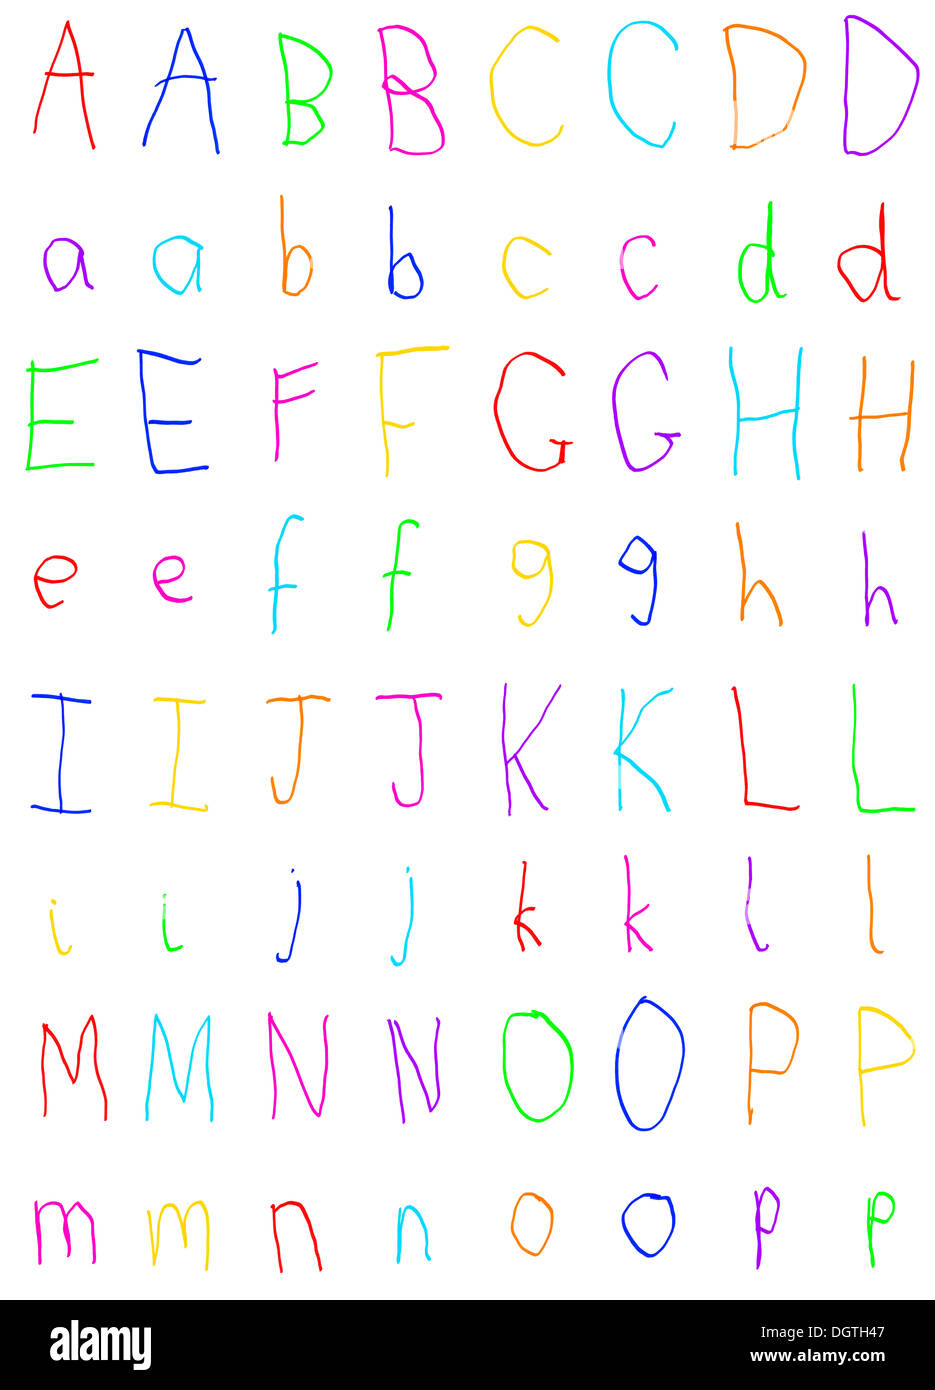 Des Kindes Handschrift Alphabet Buchstaben A bis P Stockfoto, Bild ...